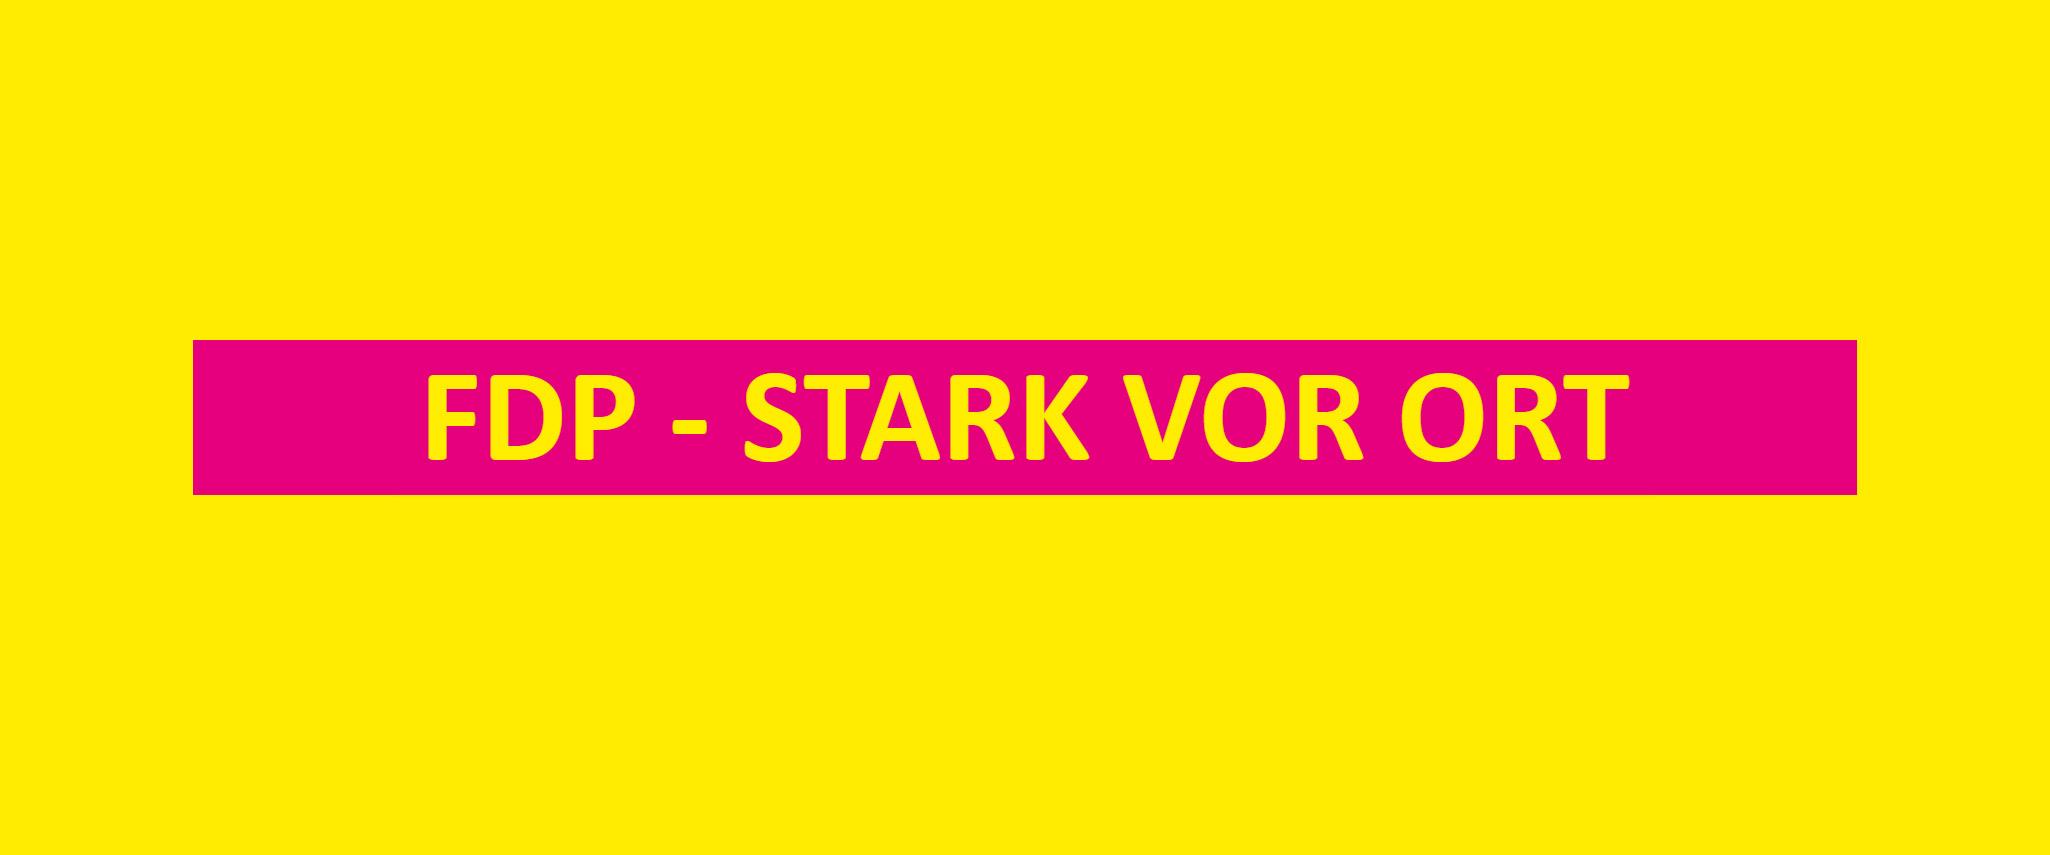 FDP Main-Tauber